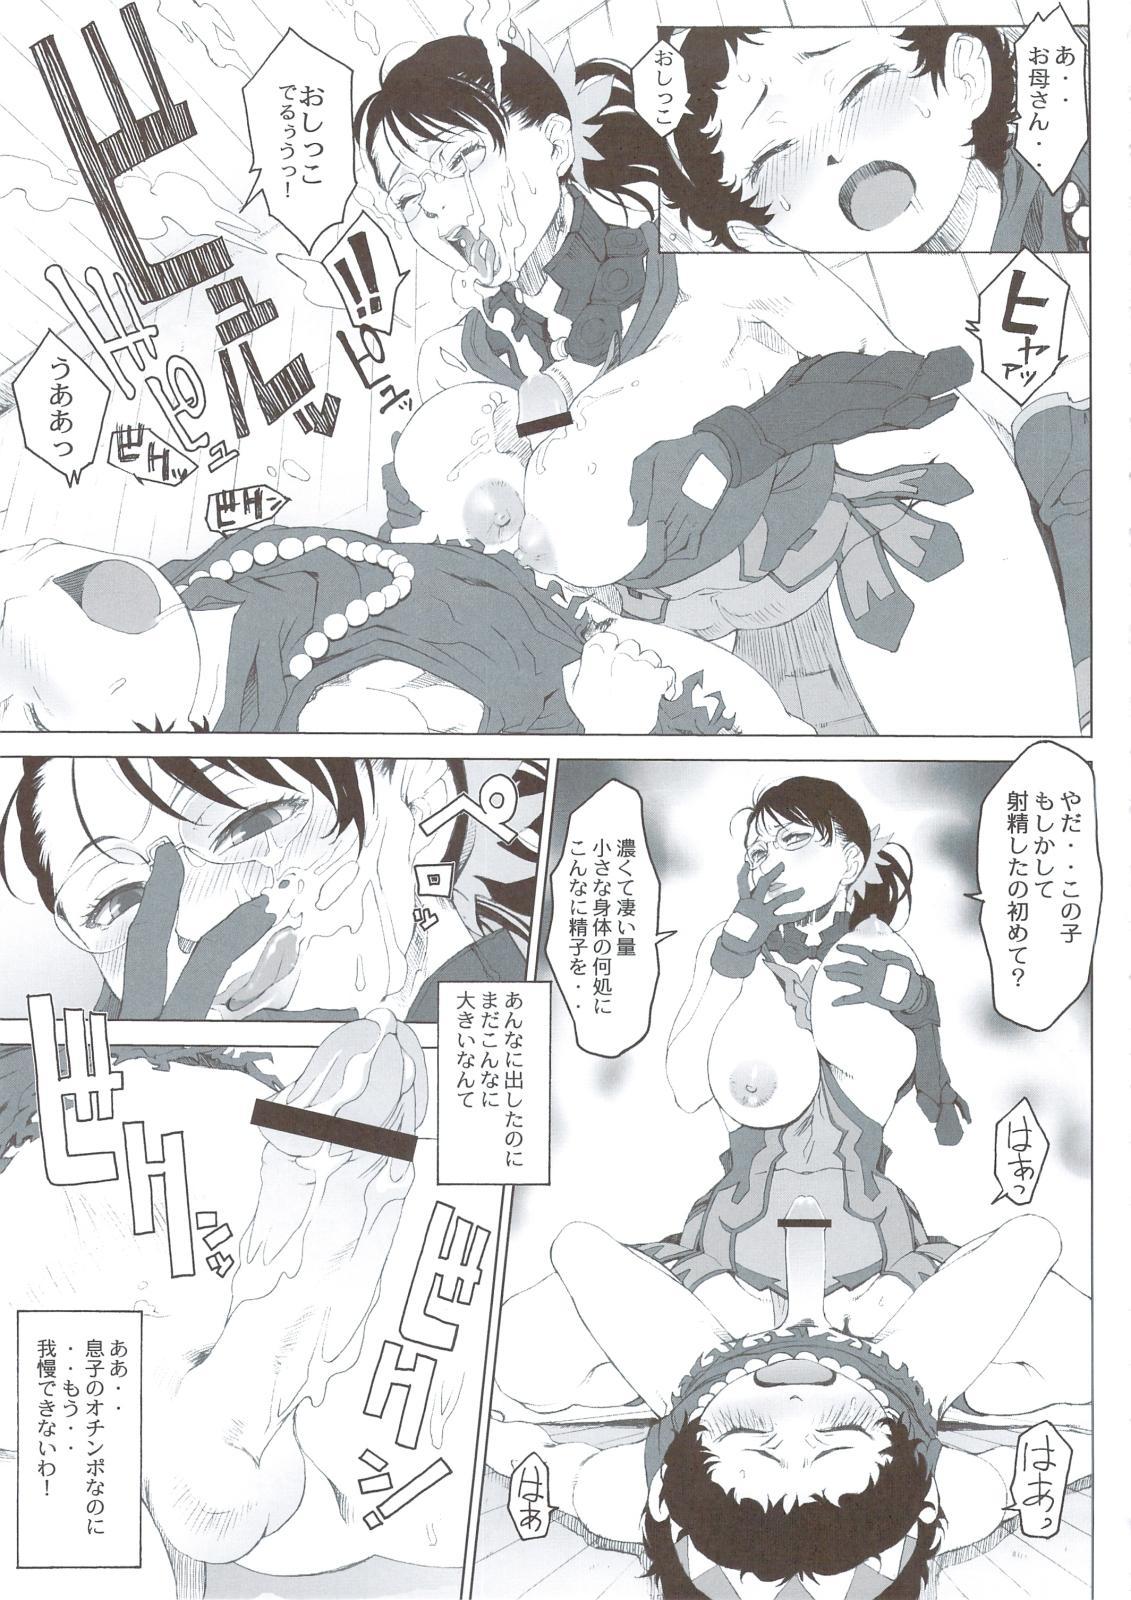 Ketsu! Megaton Seven 29